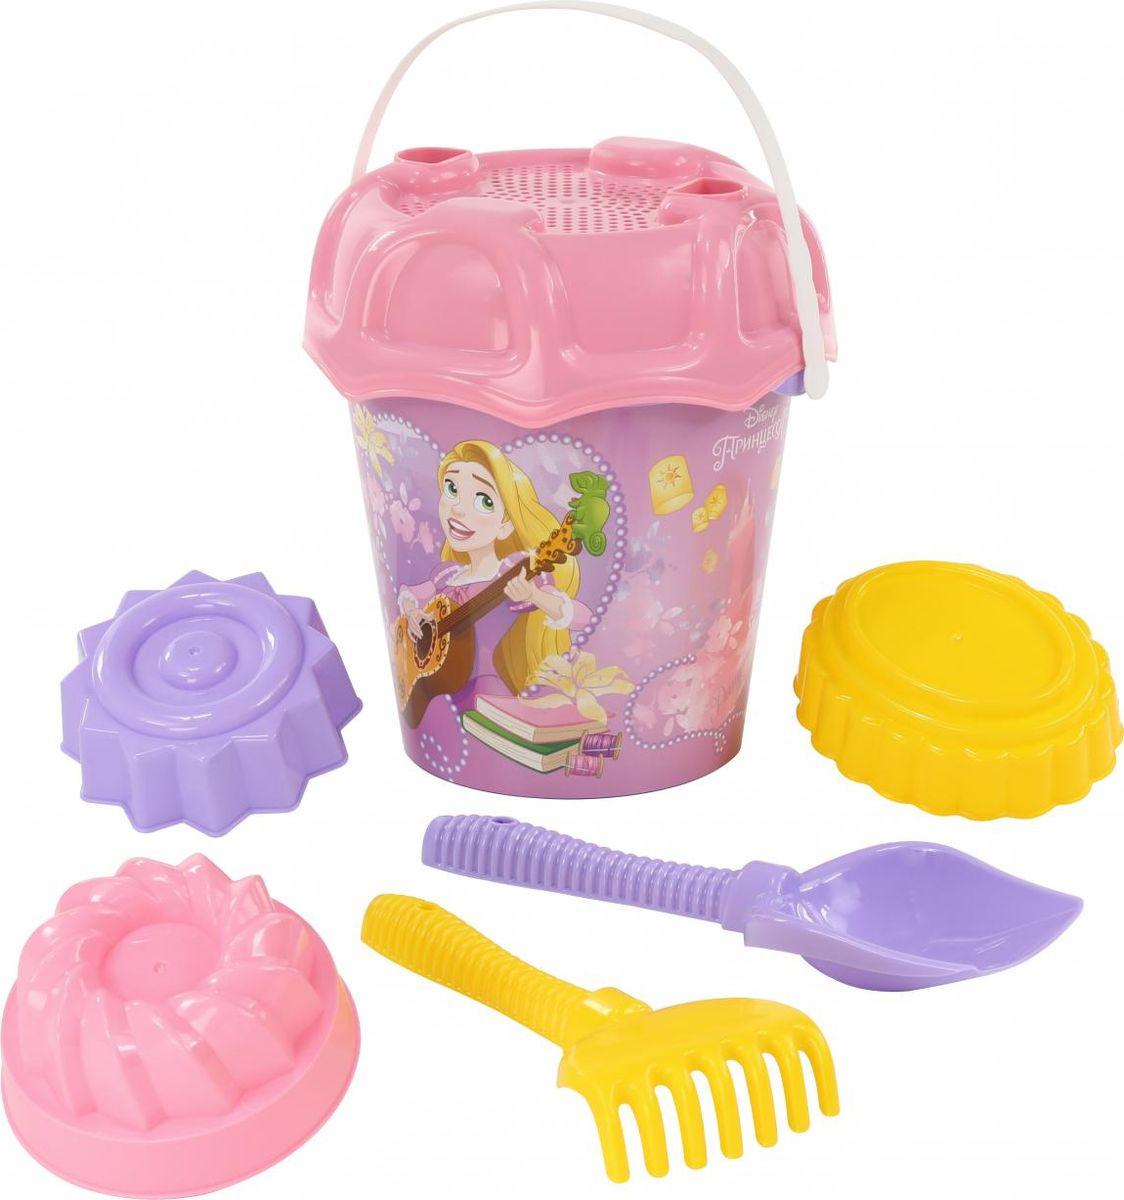 Disney Набор игрушек для песочницы Принцесса №14 disney набор игрушек для песочницы принцесса 13 5 предметов